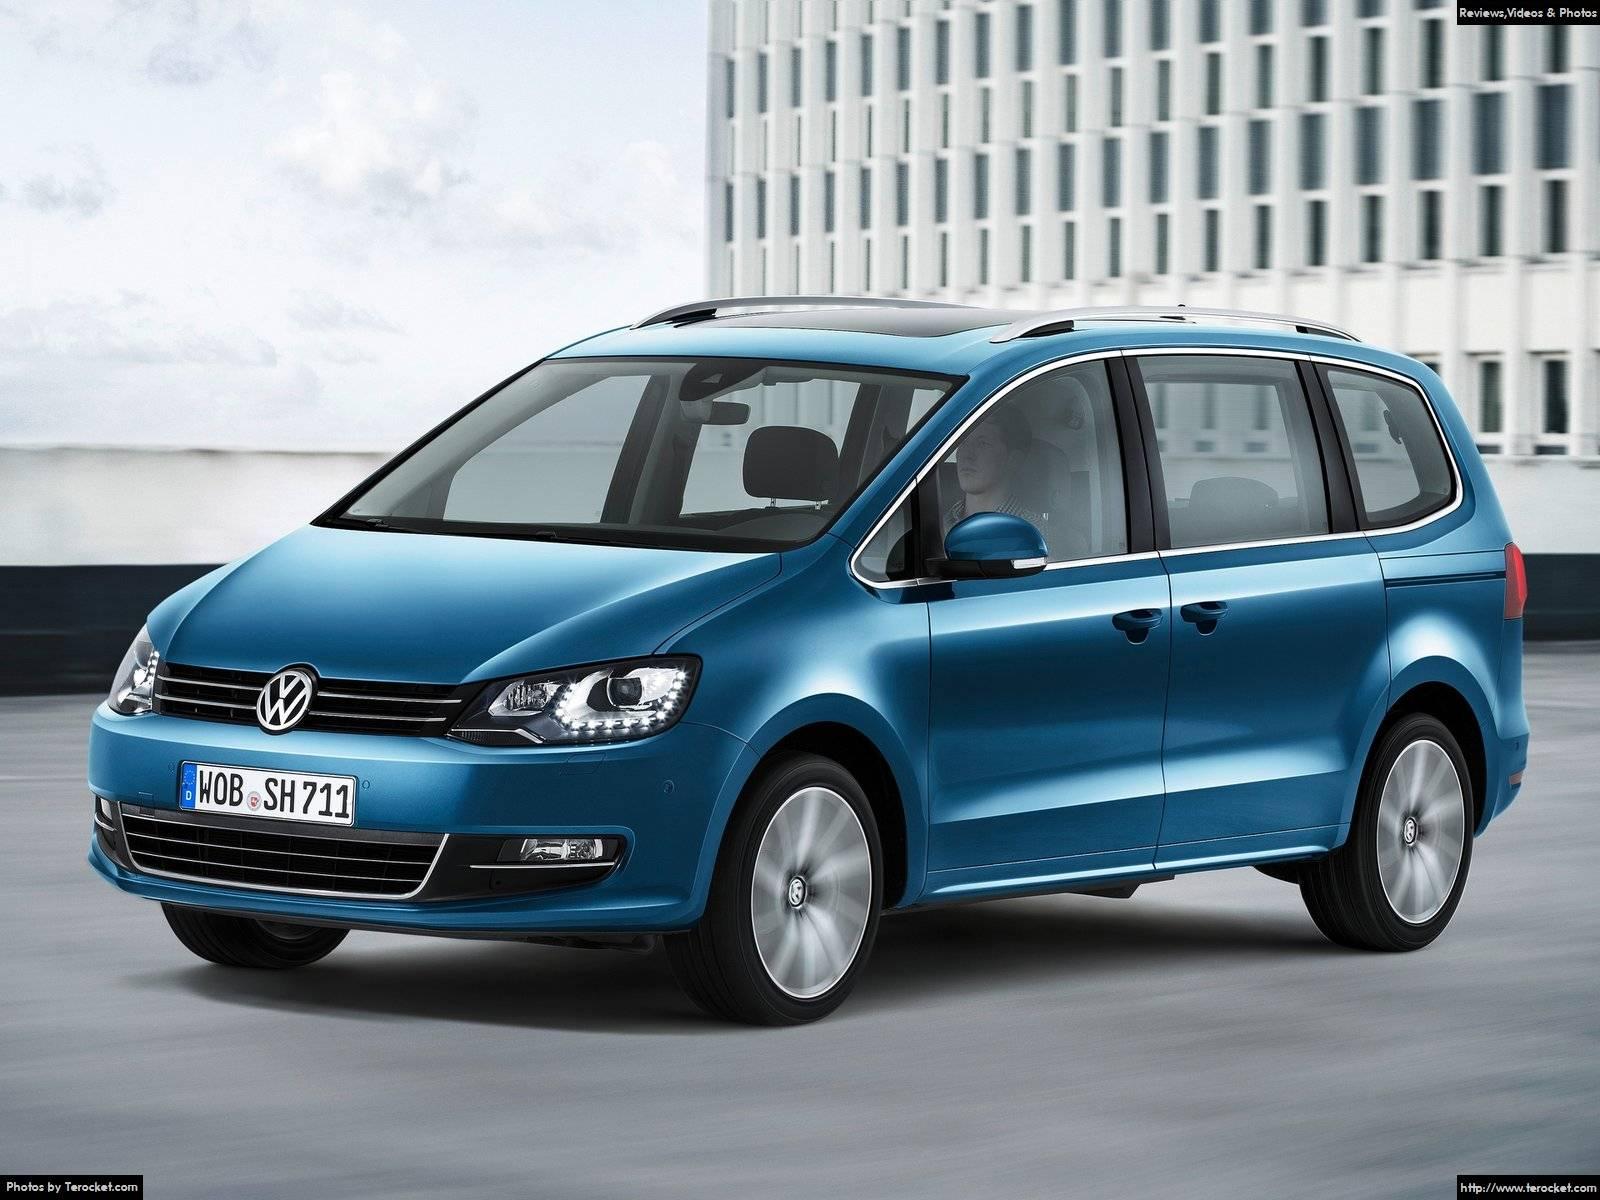 Hình ảnh xe ô tô Volkswagen Sharan 2016 & nội ngoại thất